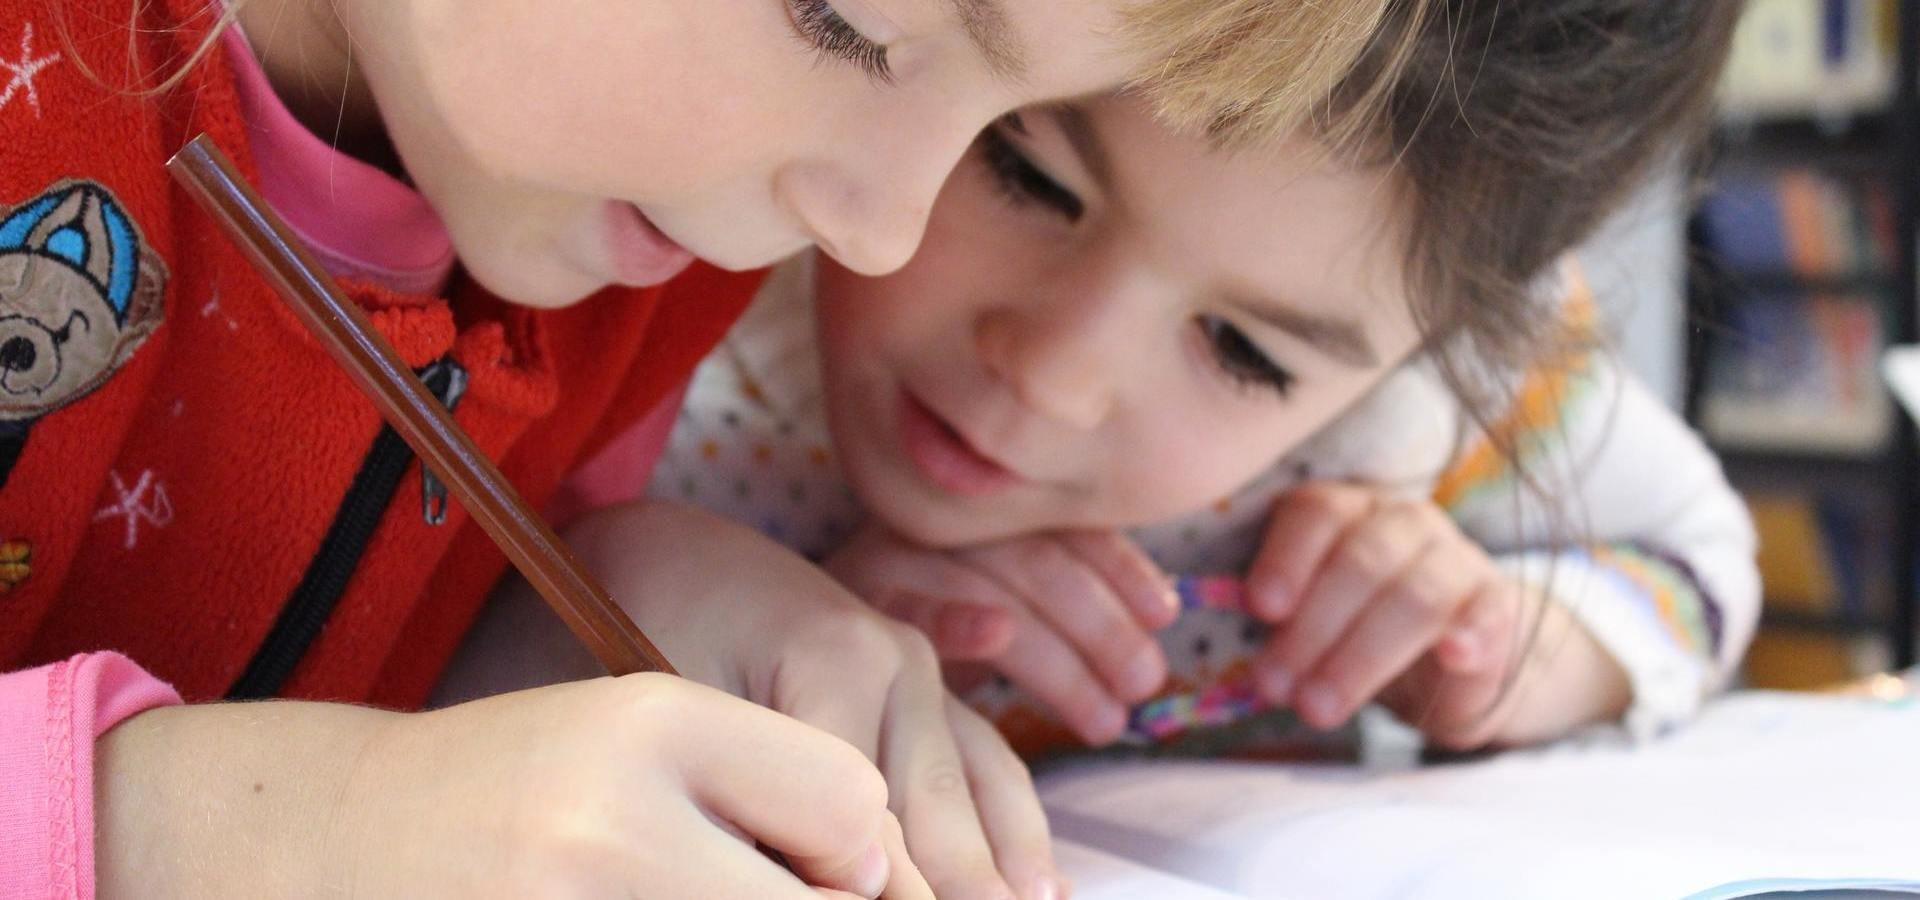 Lekcje po lekcjach: Niemal połowa polskich uczniów uczęszcza na dodatkowe zajęcia pozalekcyjne